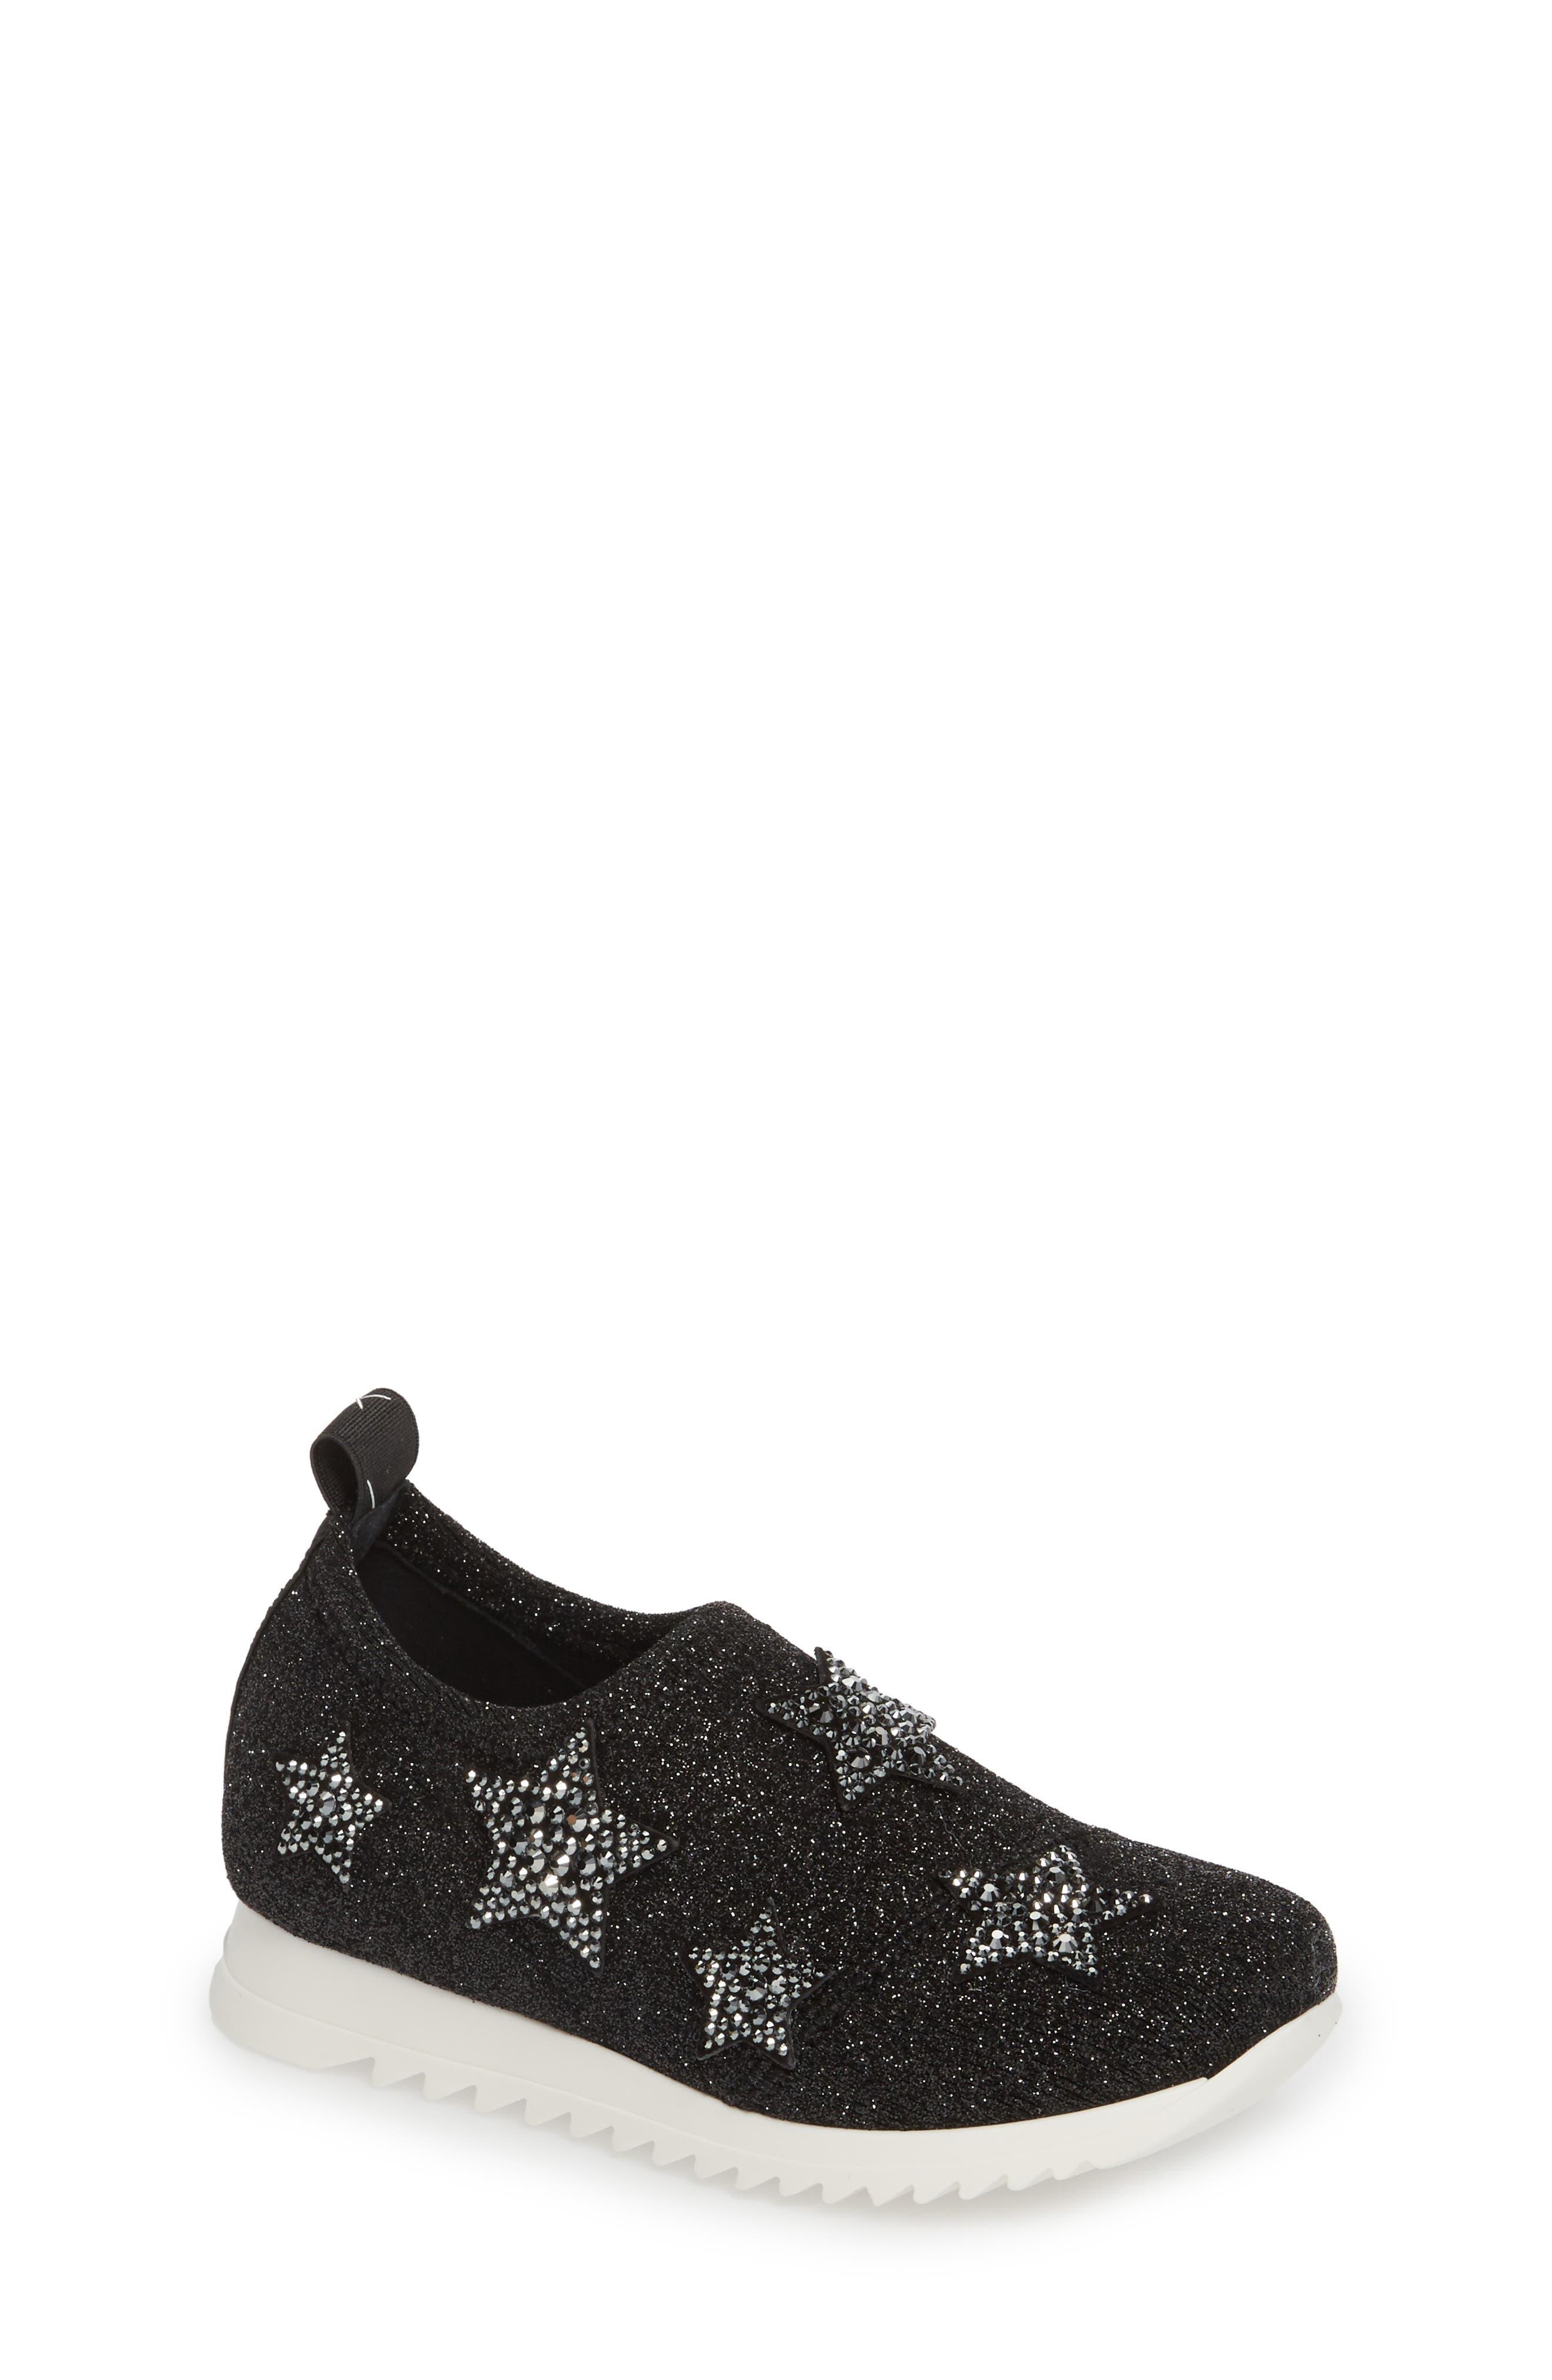 Natalie Star Glitter Slip-On Sneaker,                         Main,                         color, Black